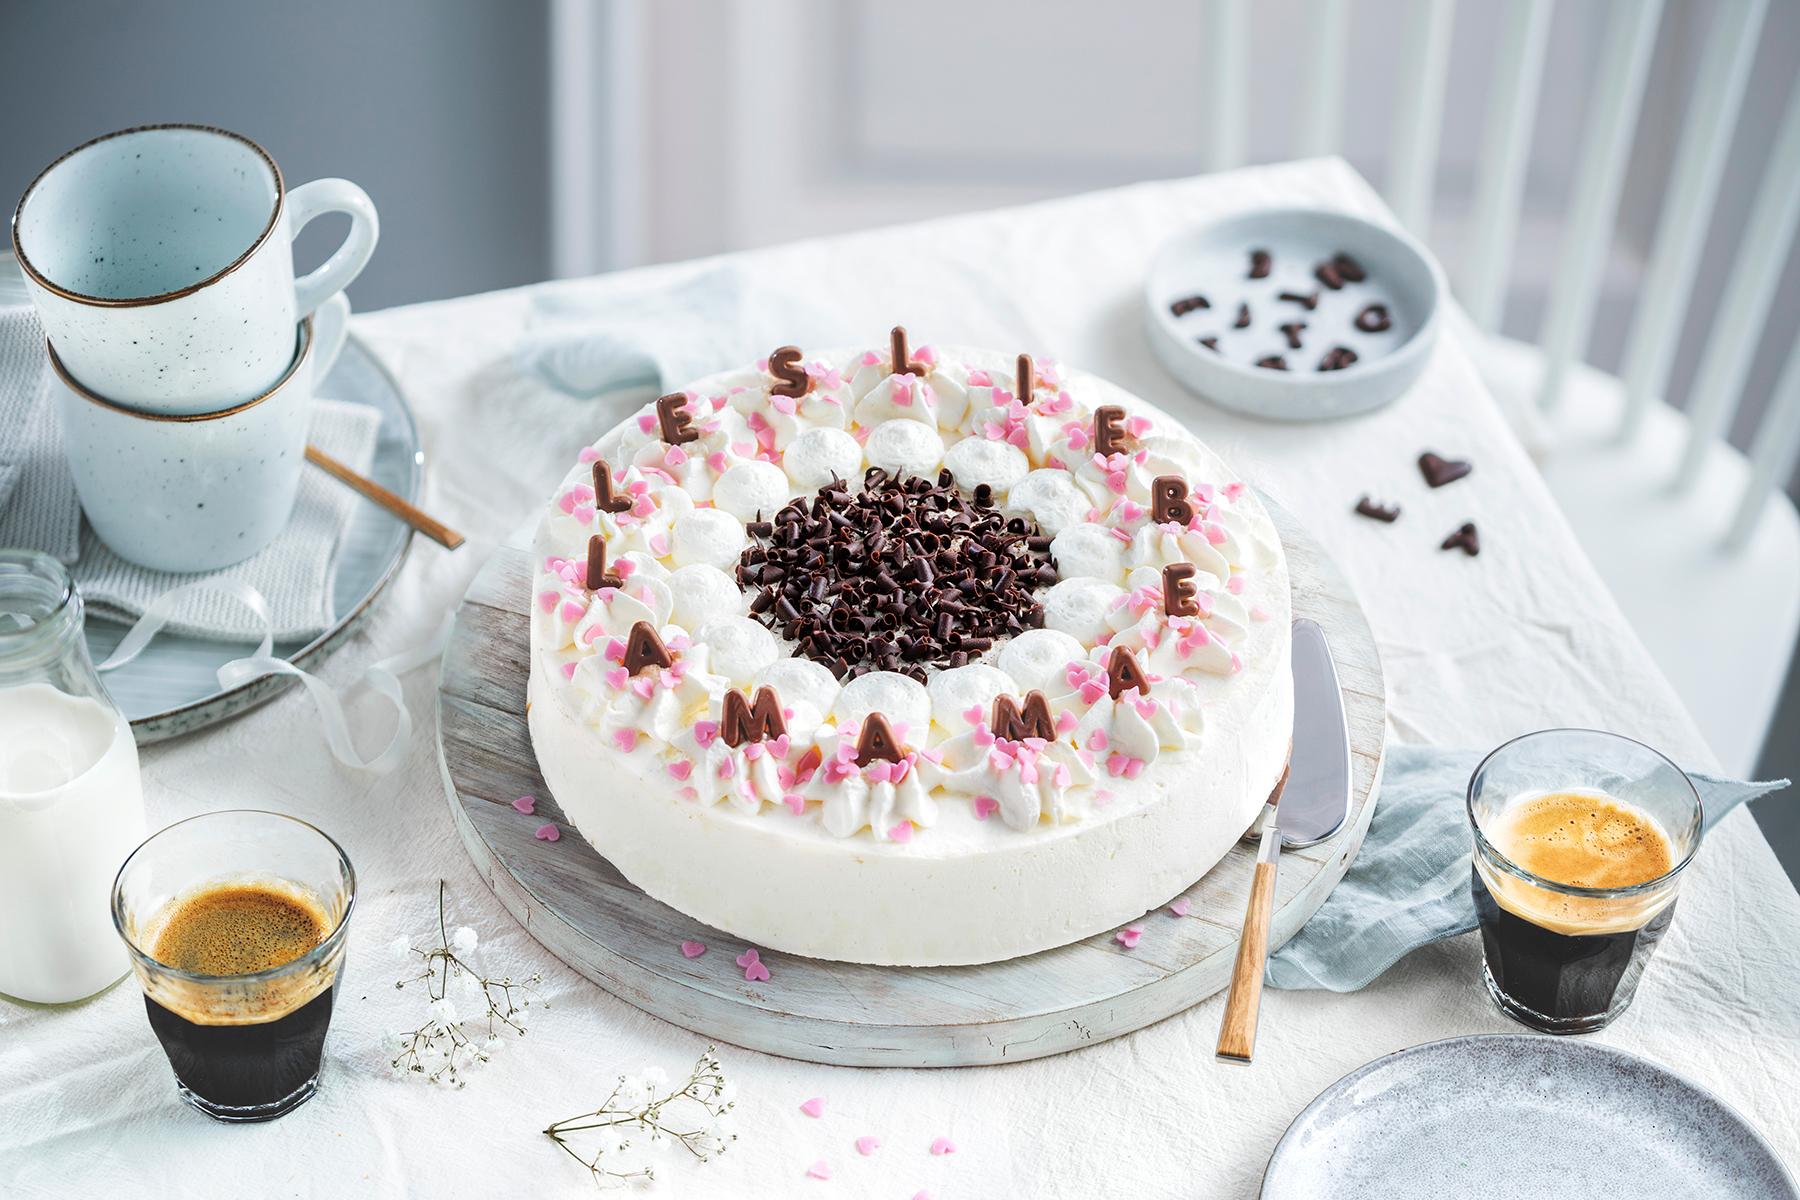 Genial einfach: Buchstaben-Torte zum Muttertag